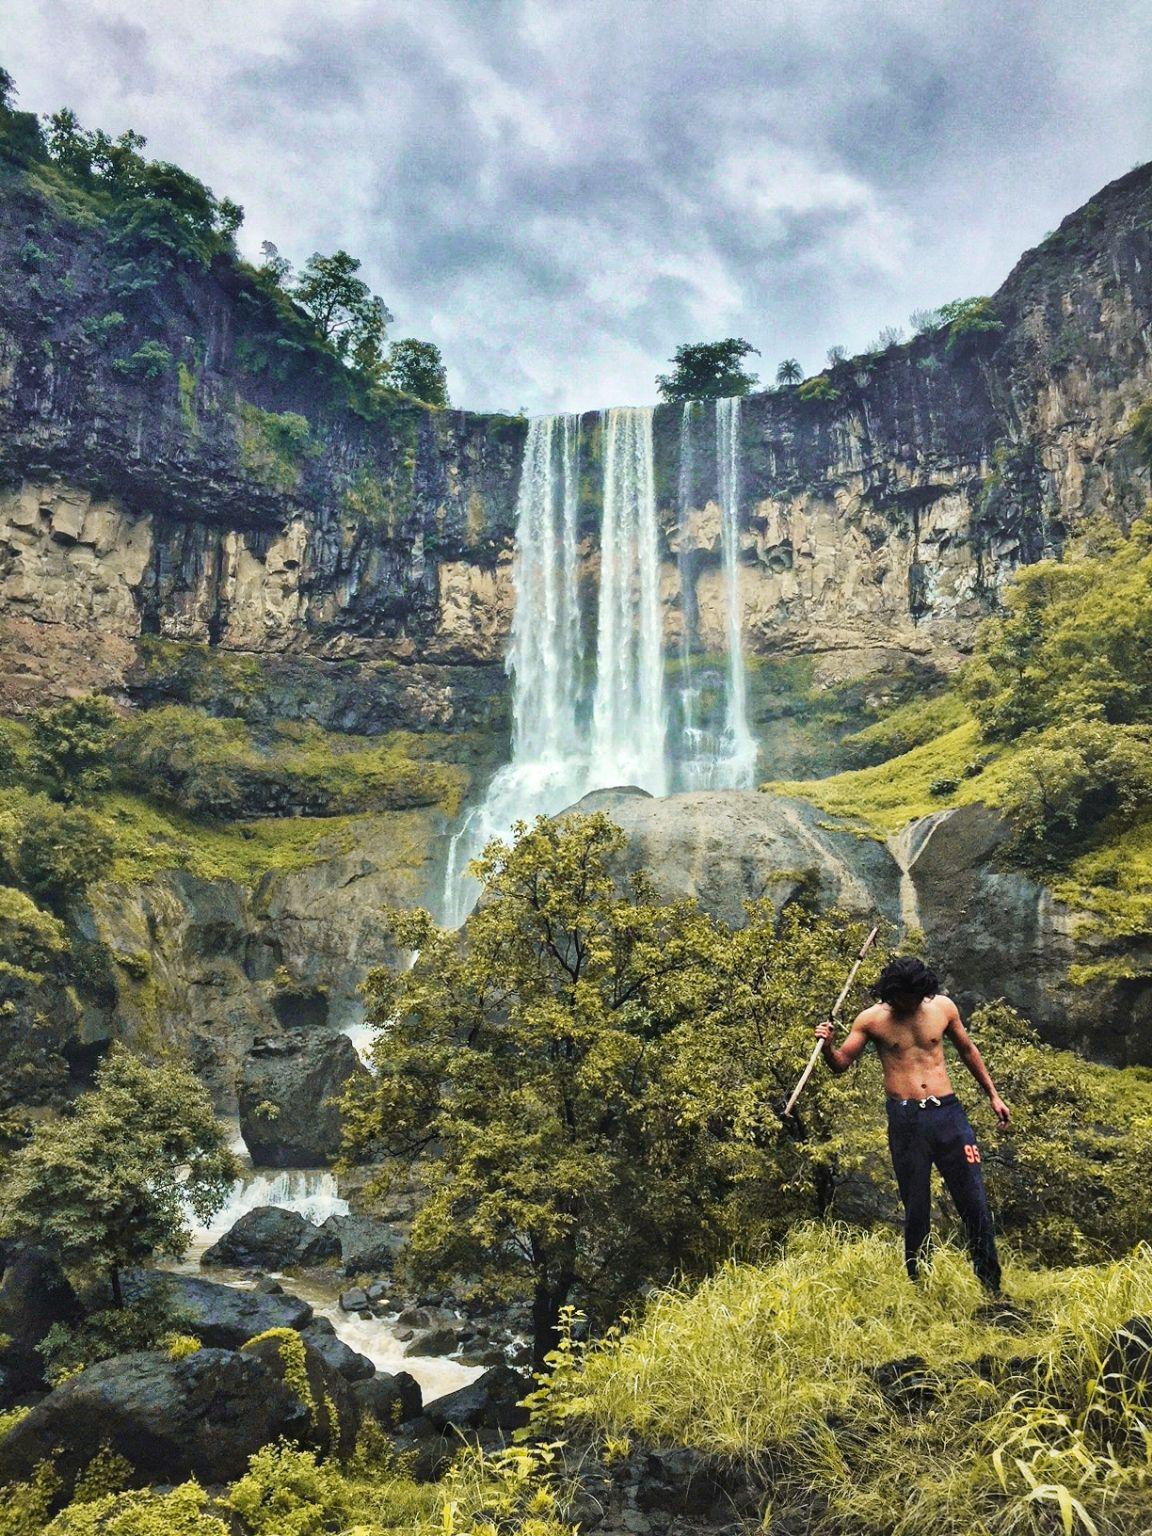 Photo of Mohadi Falls By rishi modak